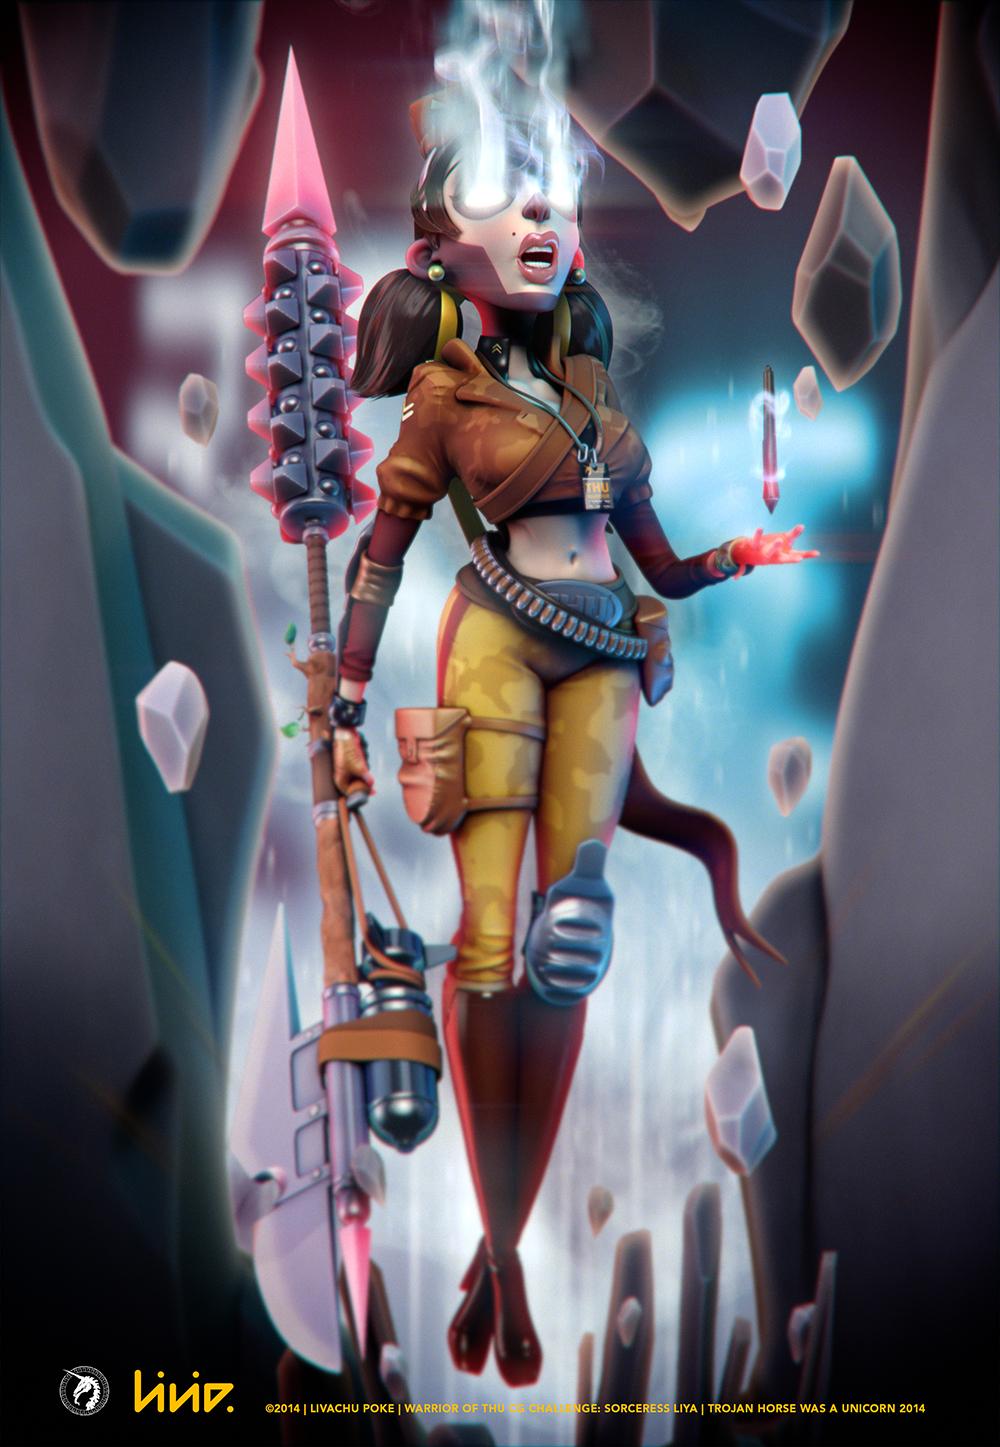 Livachu sorceress liya 1 7877c3a0 p83d